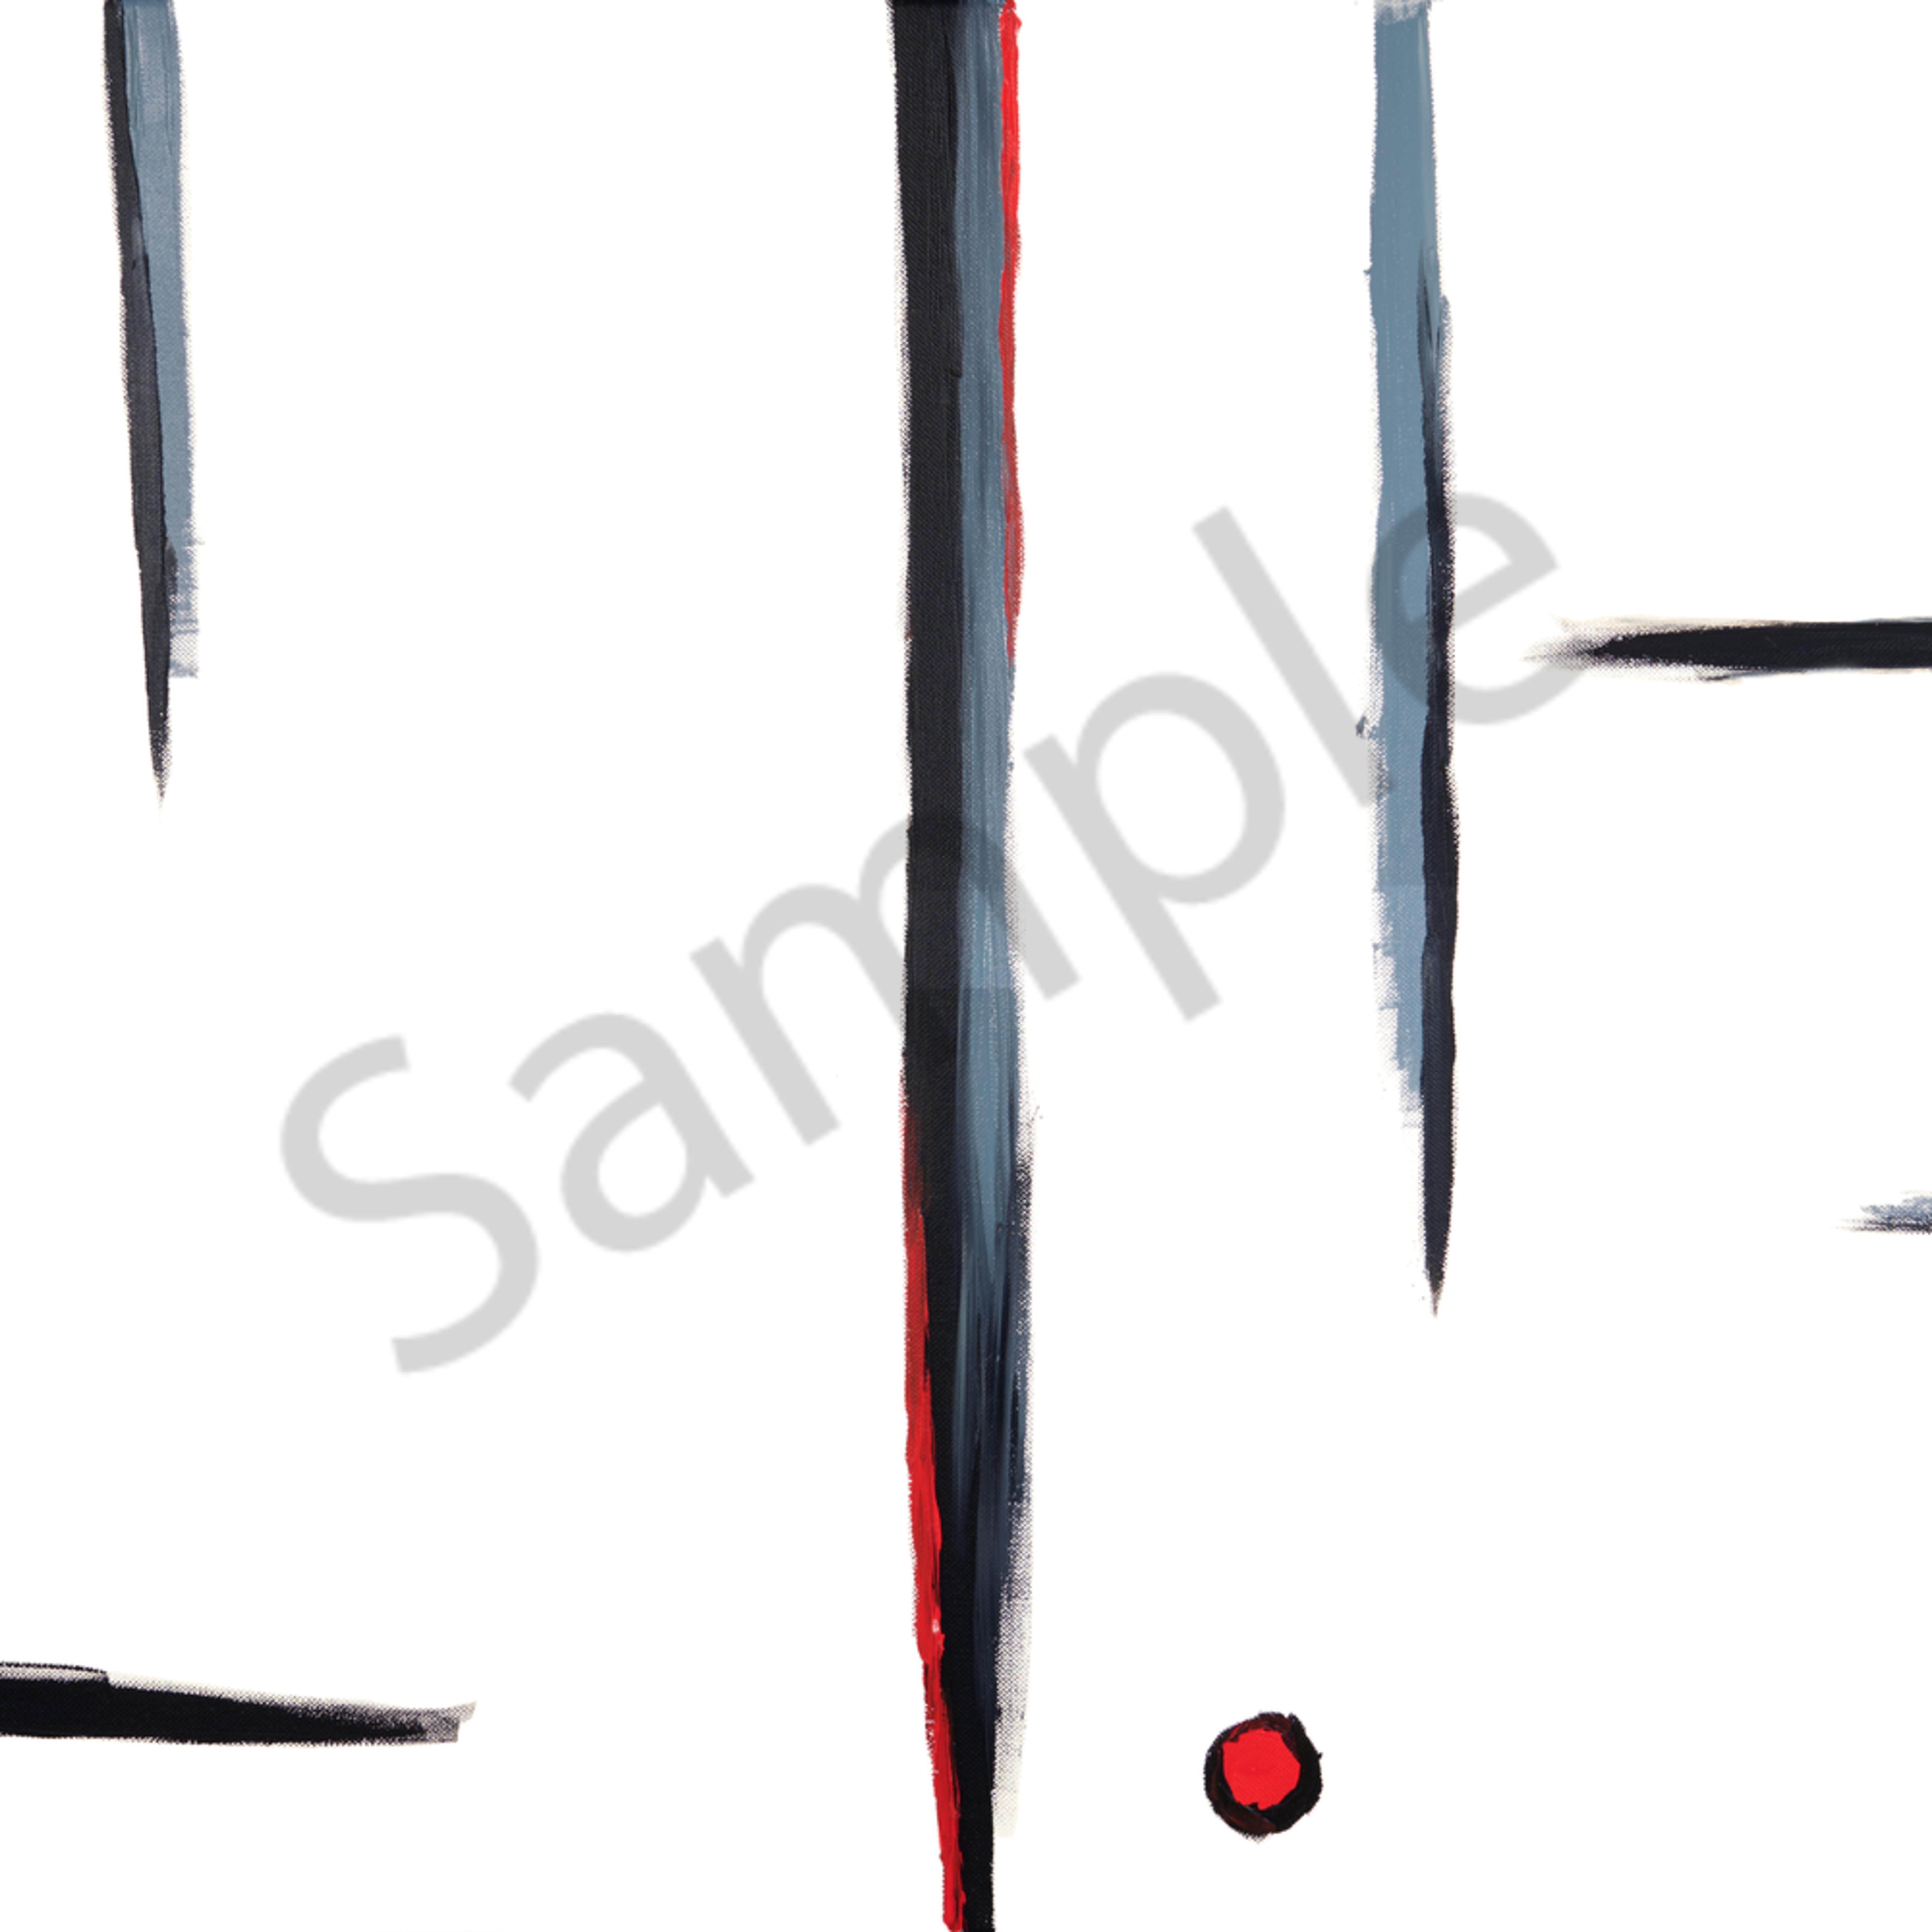 8504034 24x36 edge correction ii hkxere